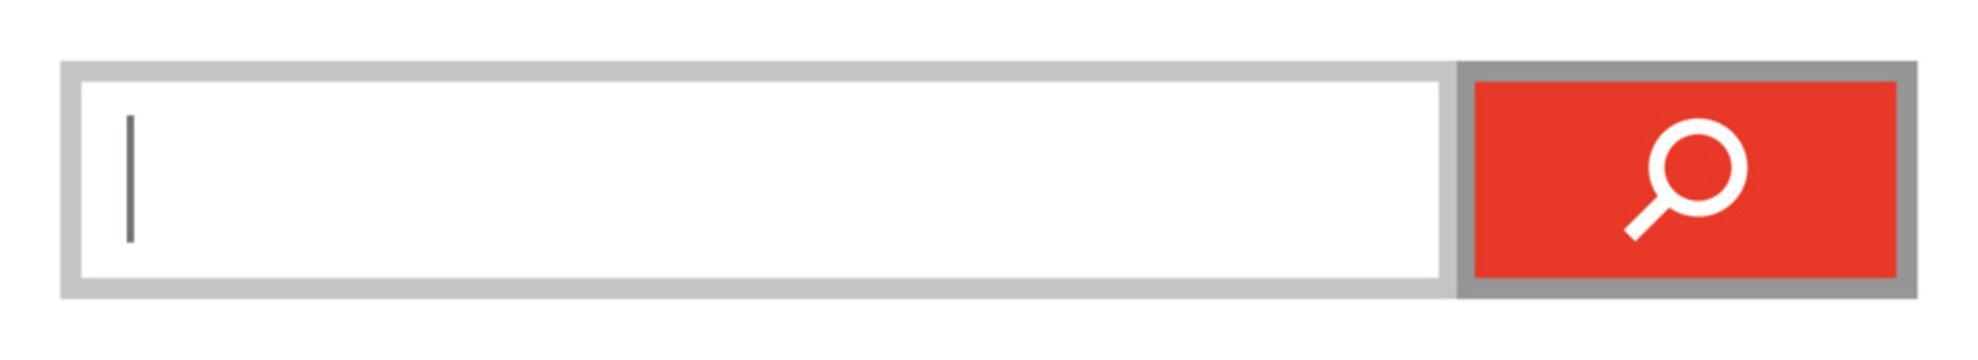 インターネットの検索バー